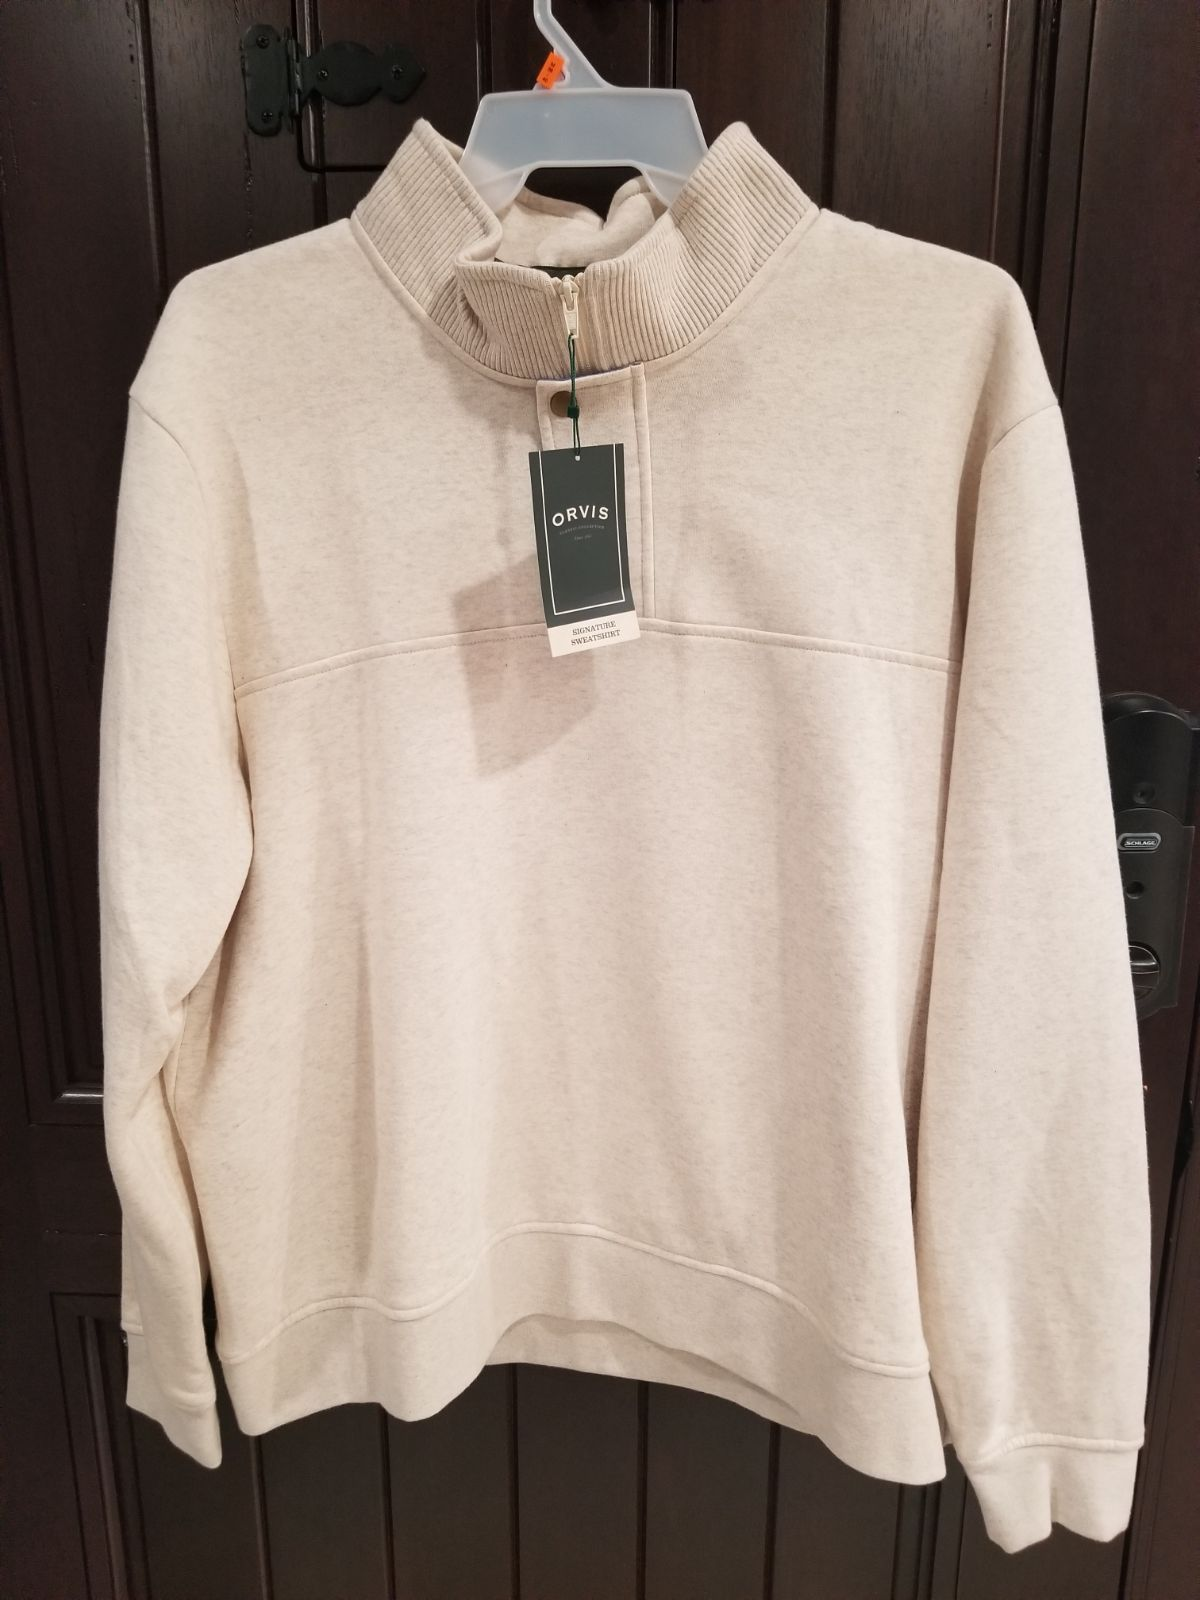 NEW ORVIS Signature Sweatshirt Men's XXL